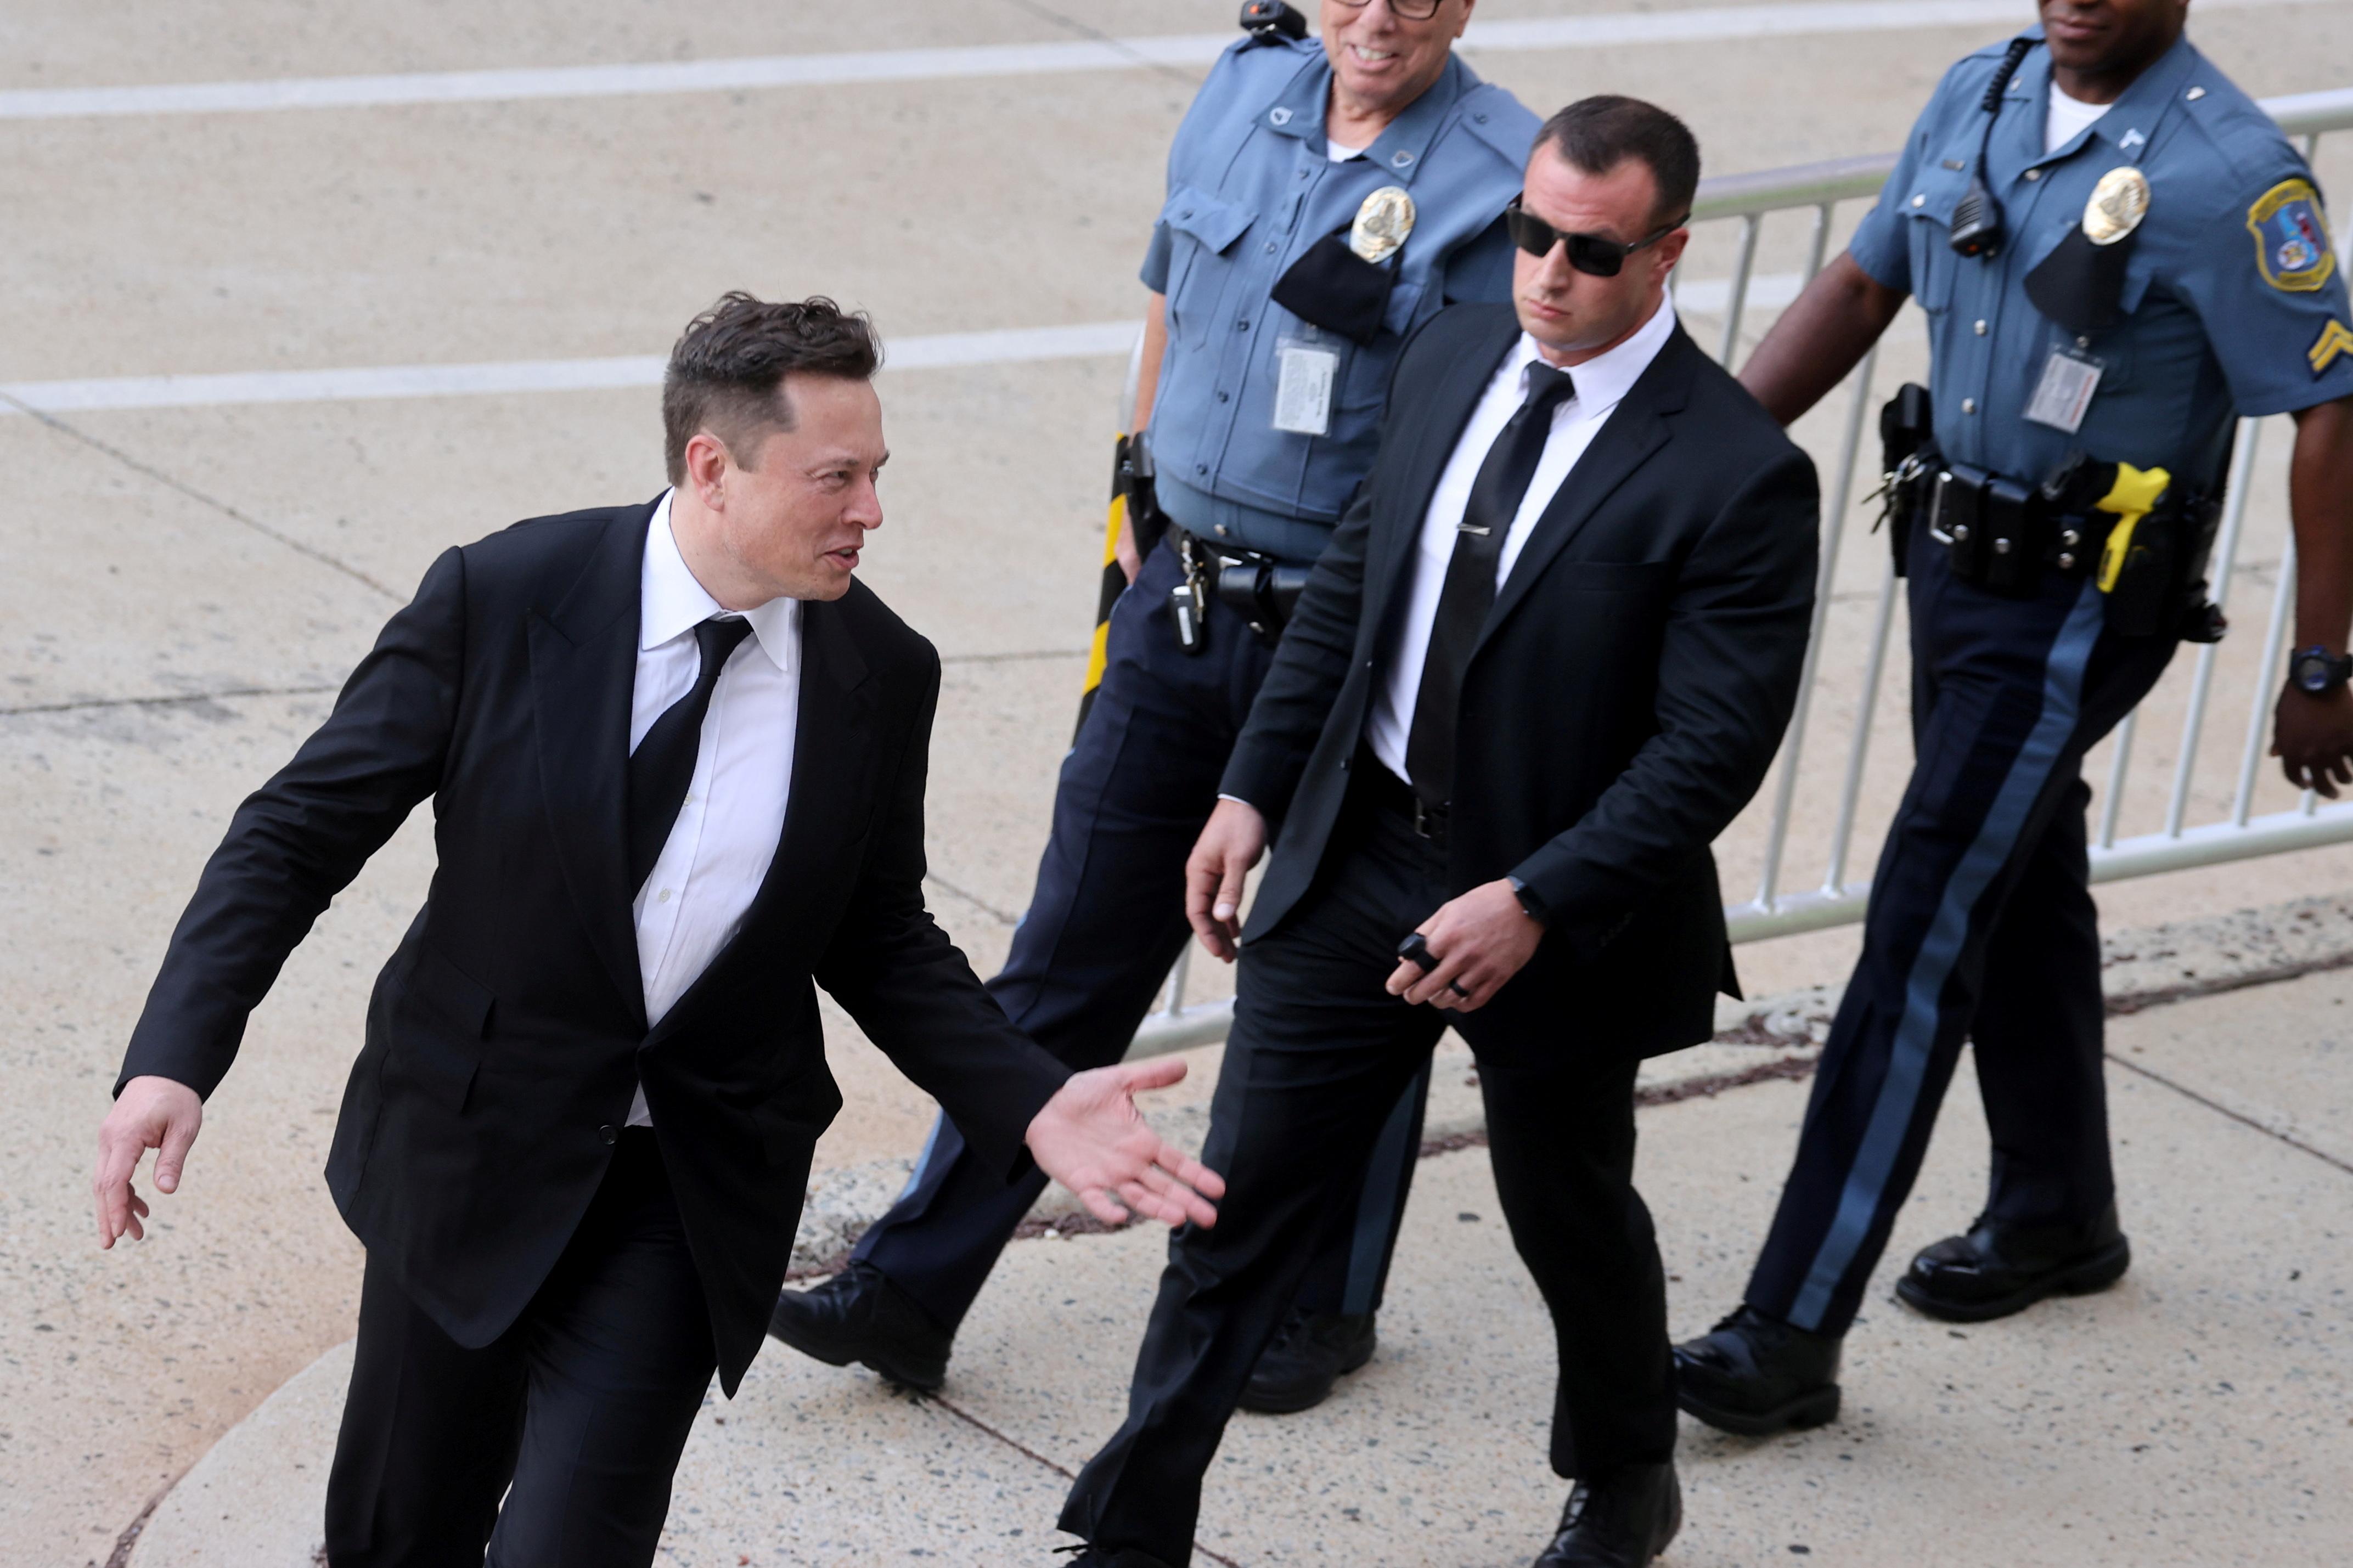 Un tribunal de California condena a Tesla a pagar 137 millones de dólares a un extrabajador por racismo